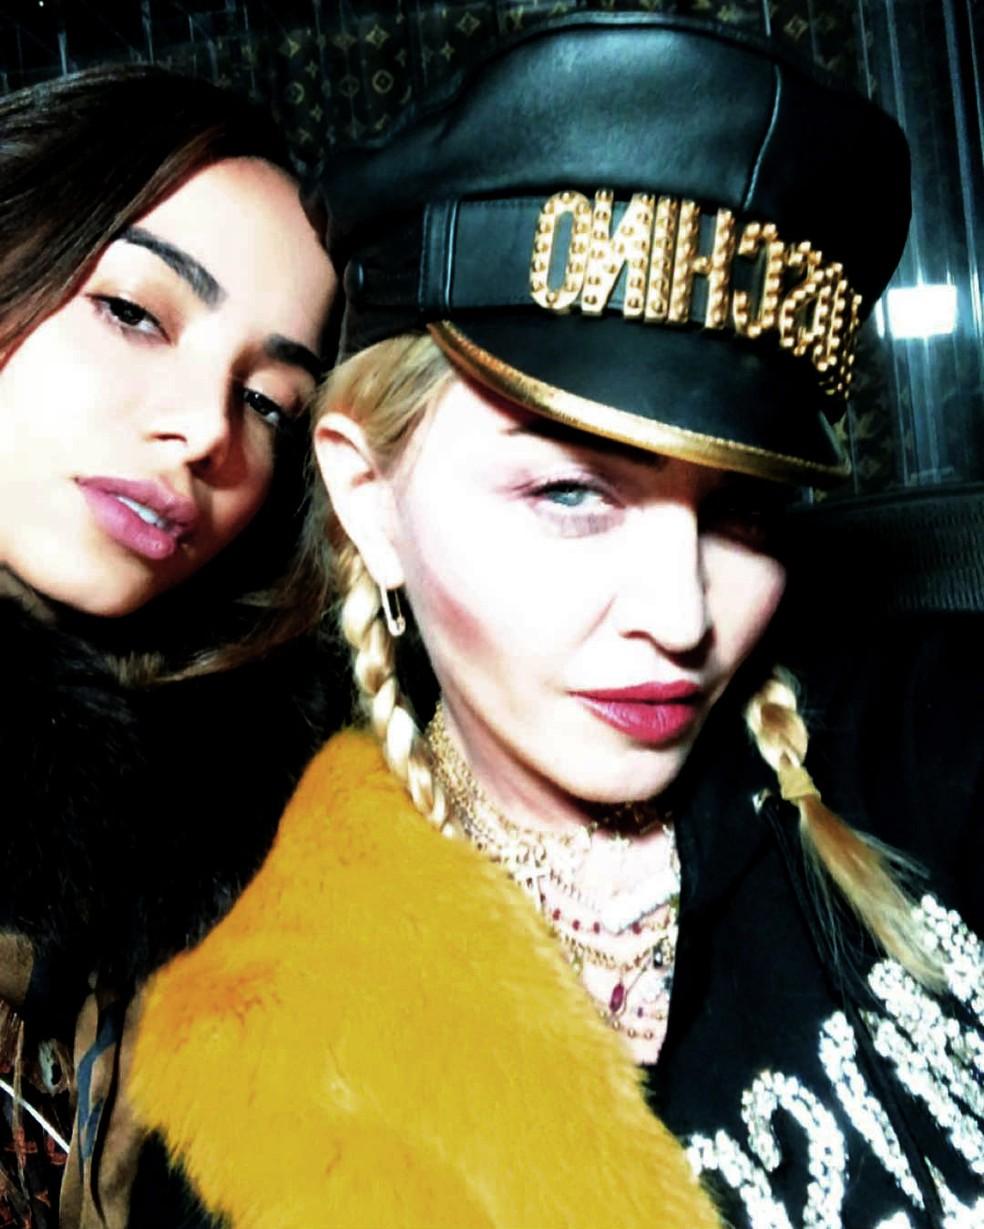 Anitta com Madonna na gravação do funk 'Faz gostoso' para álbum da cantora norte-americana — Foto: Reprodução / Instagram Anitta